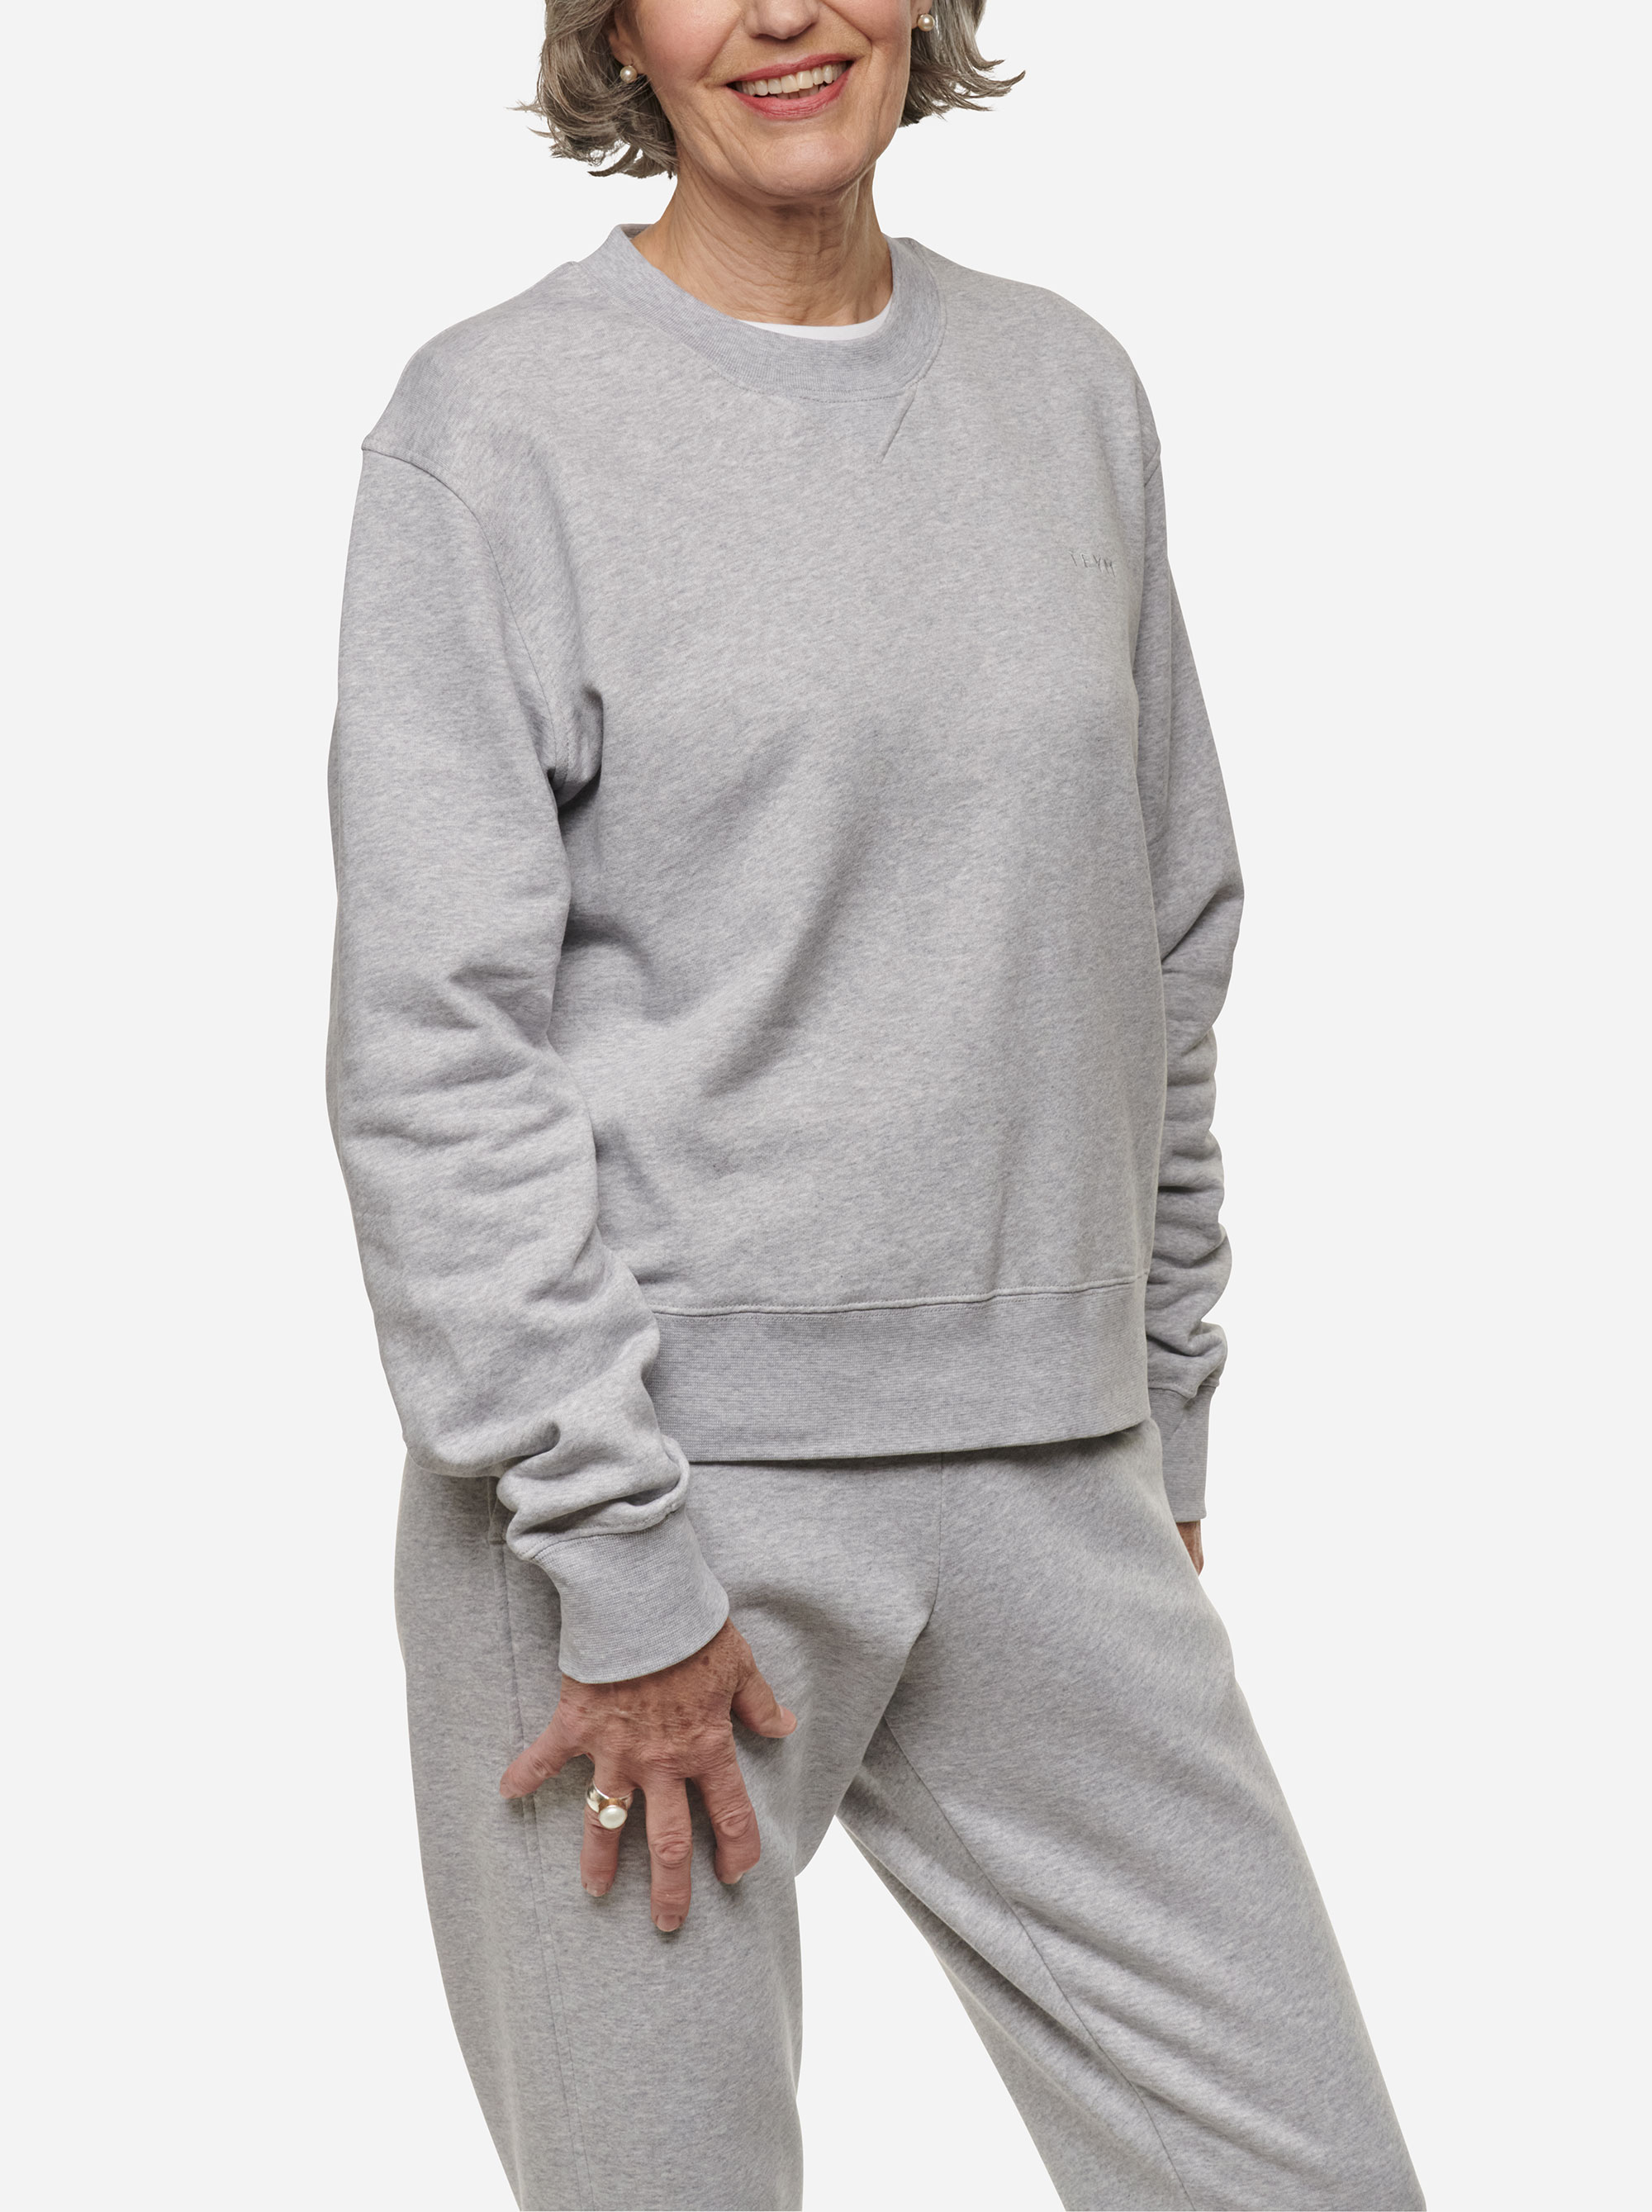 Sweatshirt_Women_Sizeguide_2